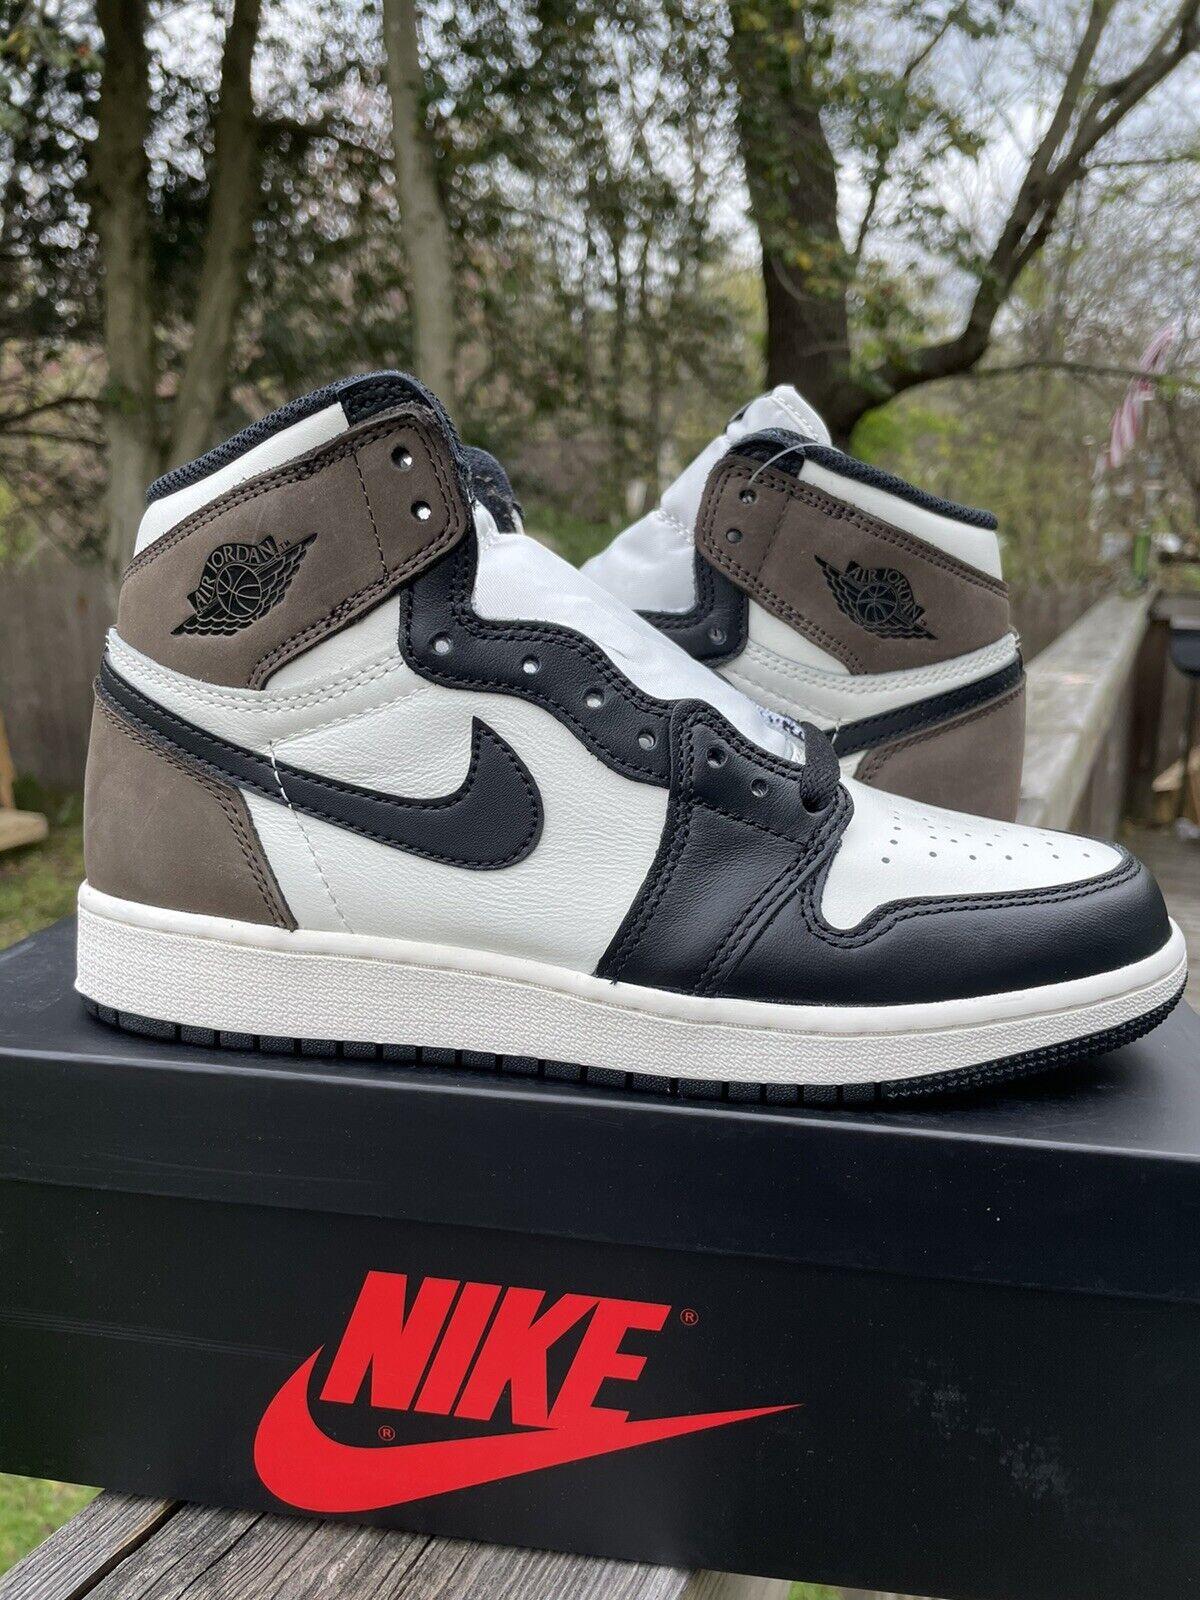 Jordan 1 Retro High OG Brown (Mocha) 575441-105 GS sizes 7,6.5,6,5.5,4